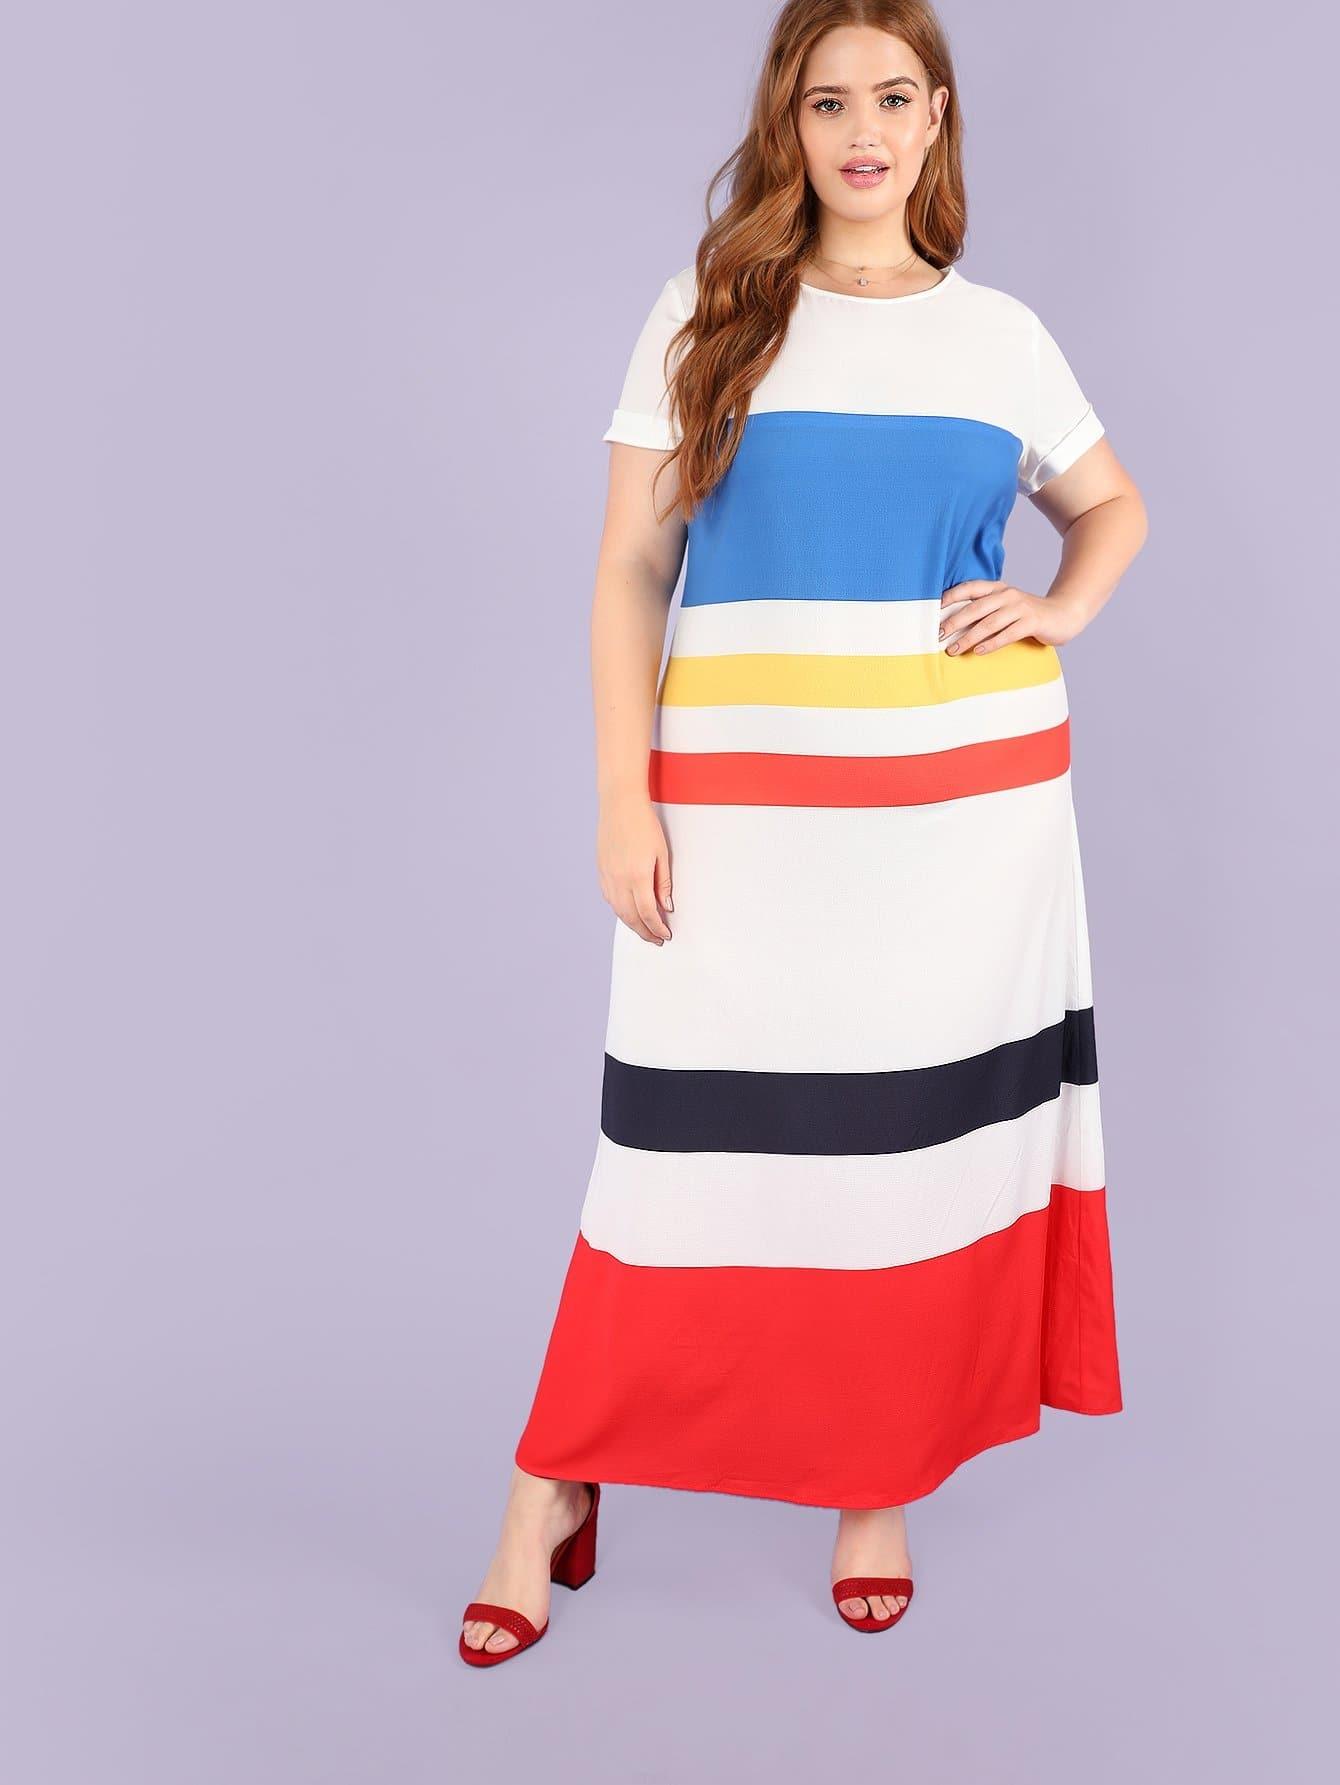 Купить Платье цветной туники, Bree Kish, SheIn